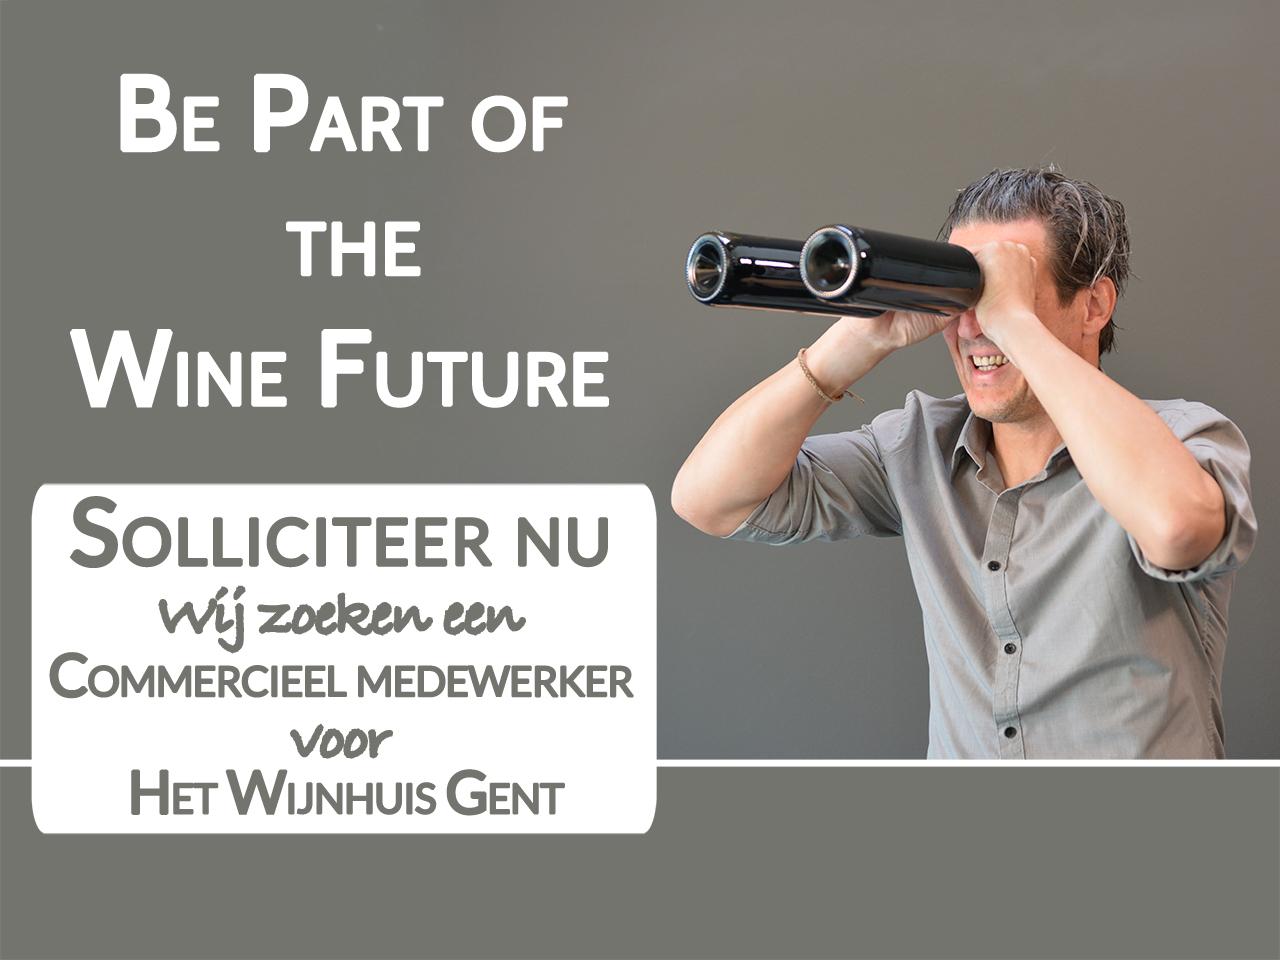 vacature commercieel medewerker Het Wijnhuis Gent solliciteer